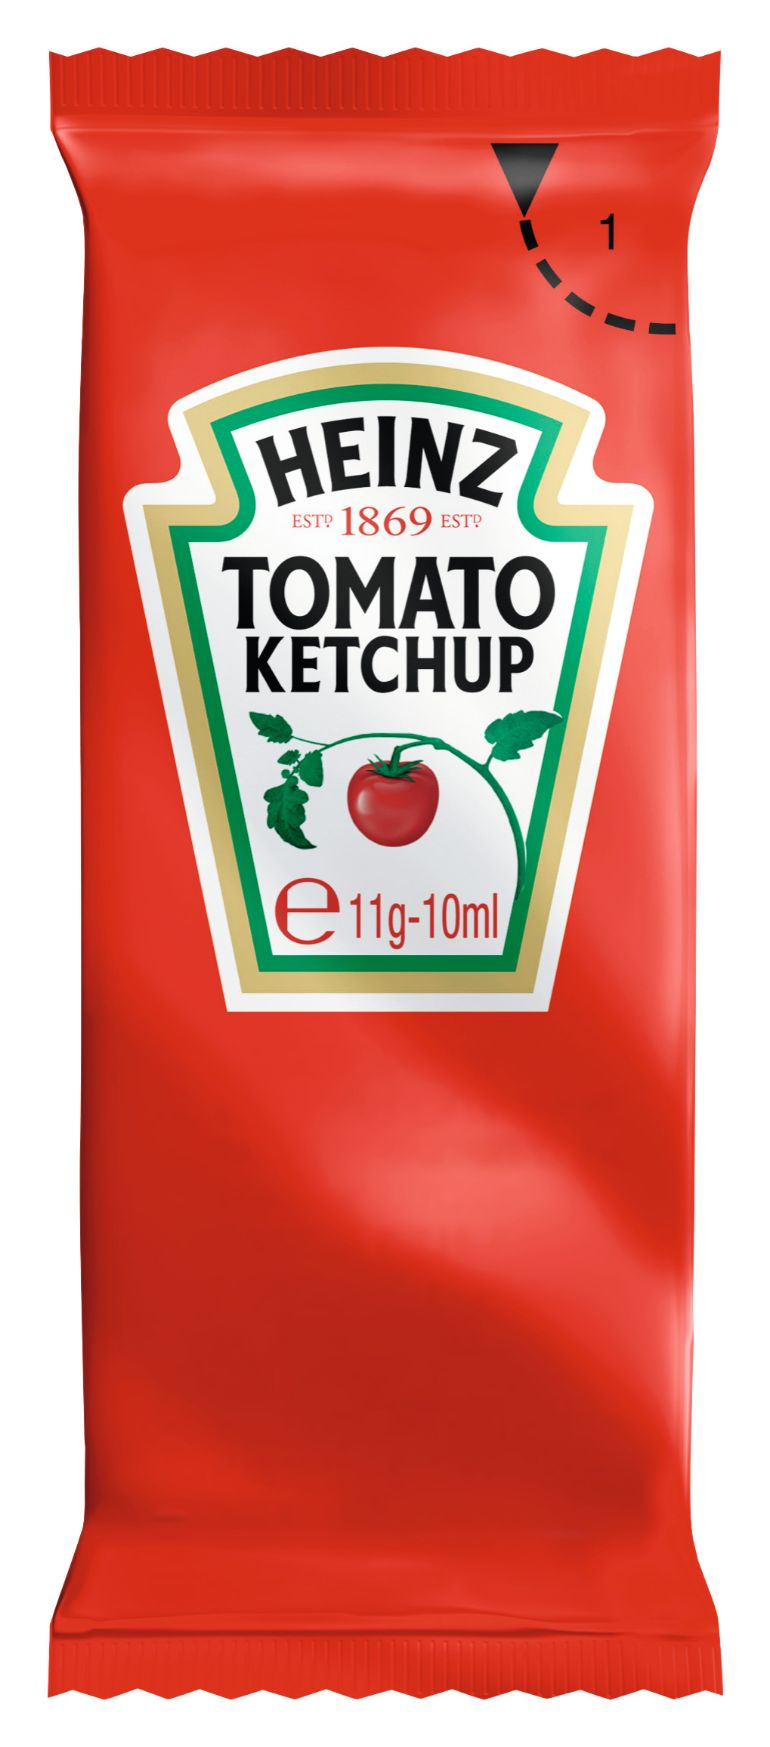 Heinz Tomato Ketchup 10ml image